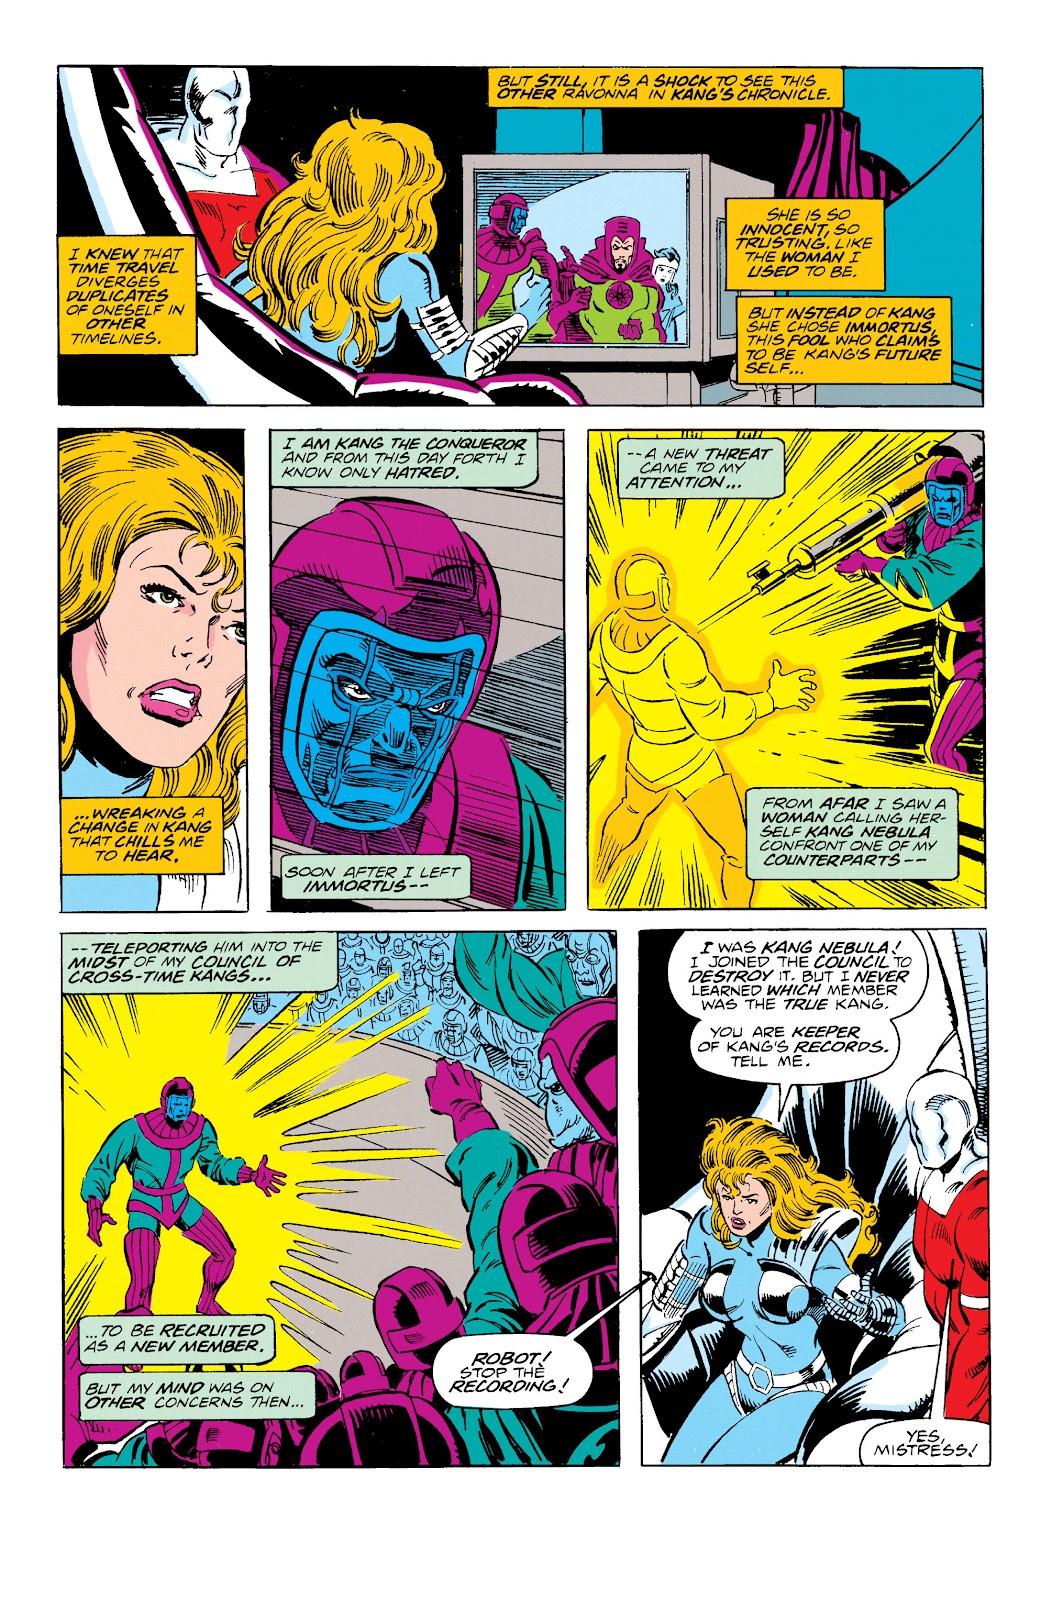 Read online Avengers: Citizen Kang comic -  Issue # TPB (Part 2) - 114